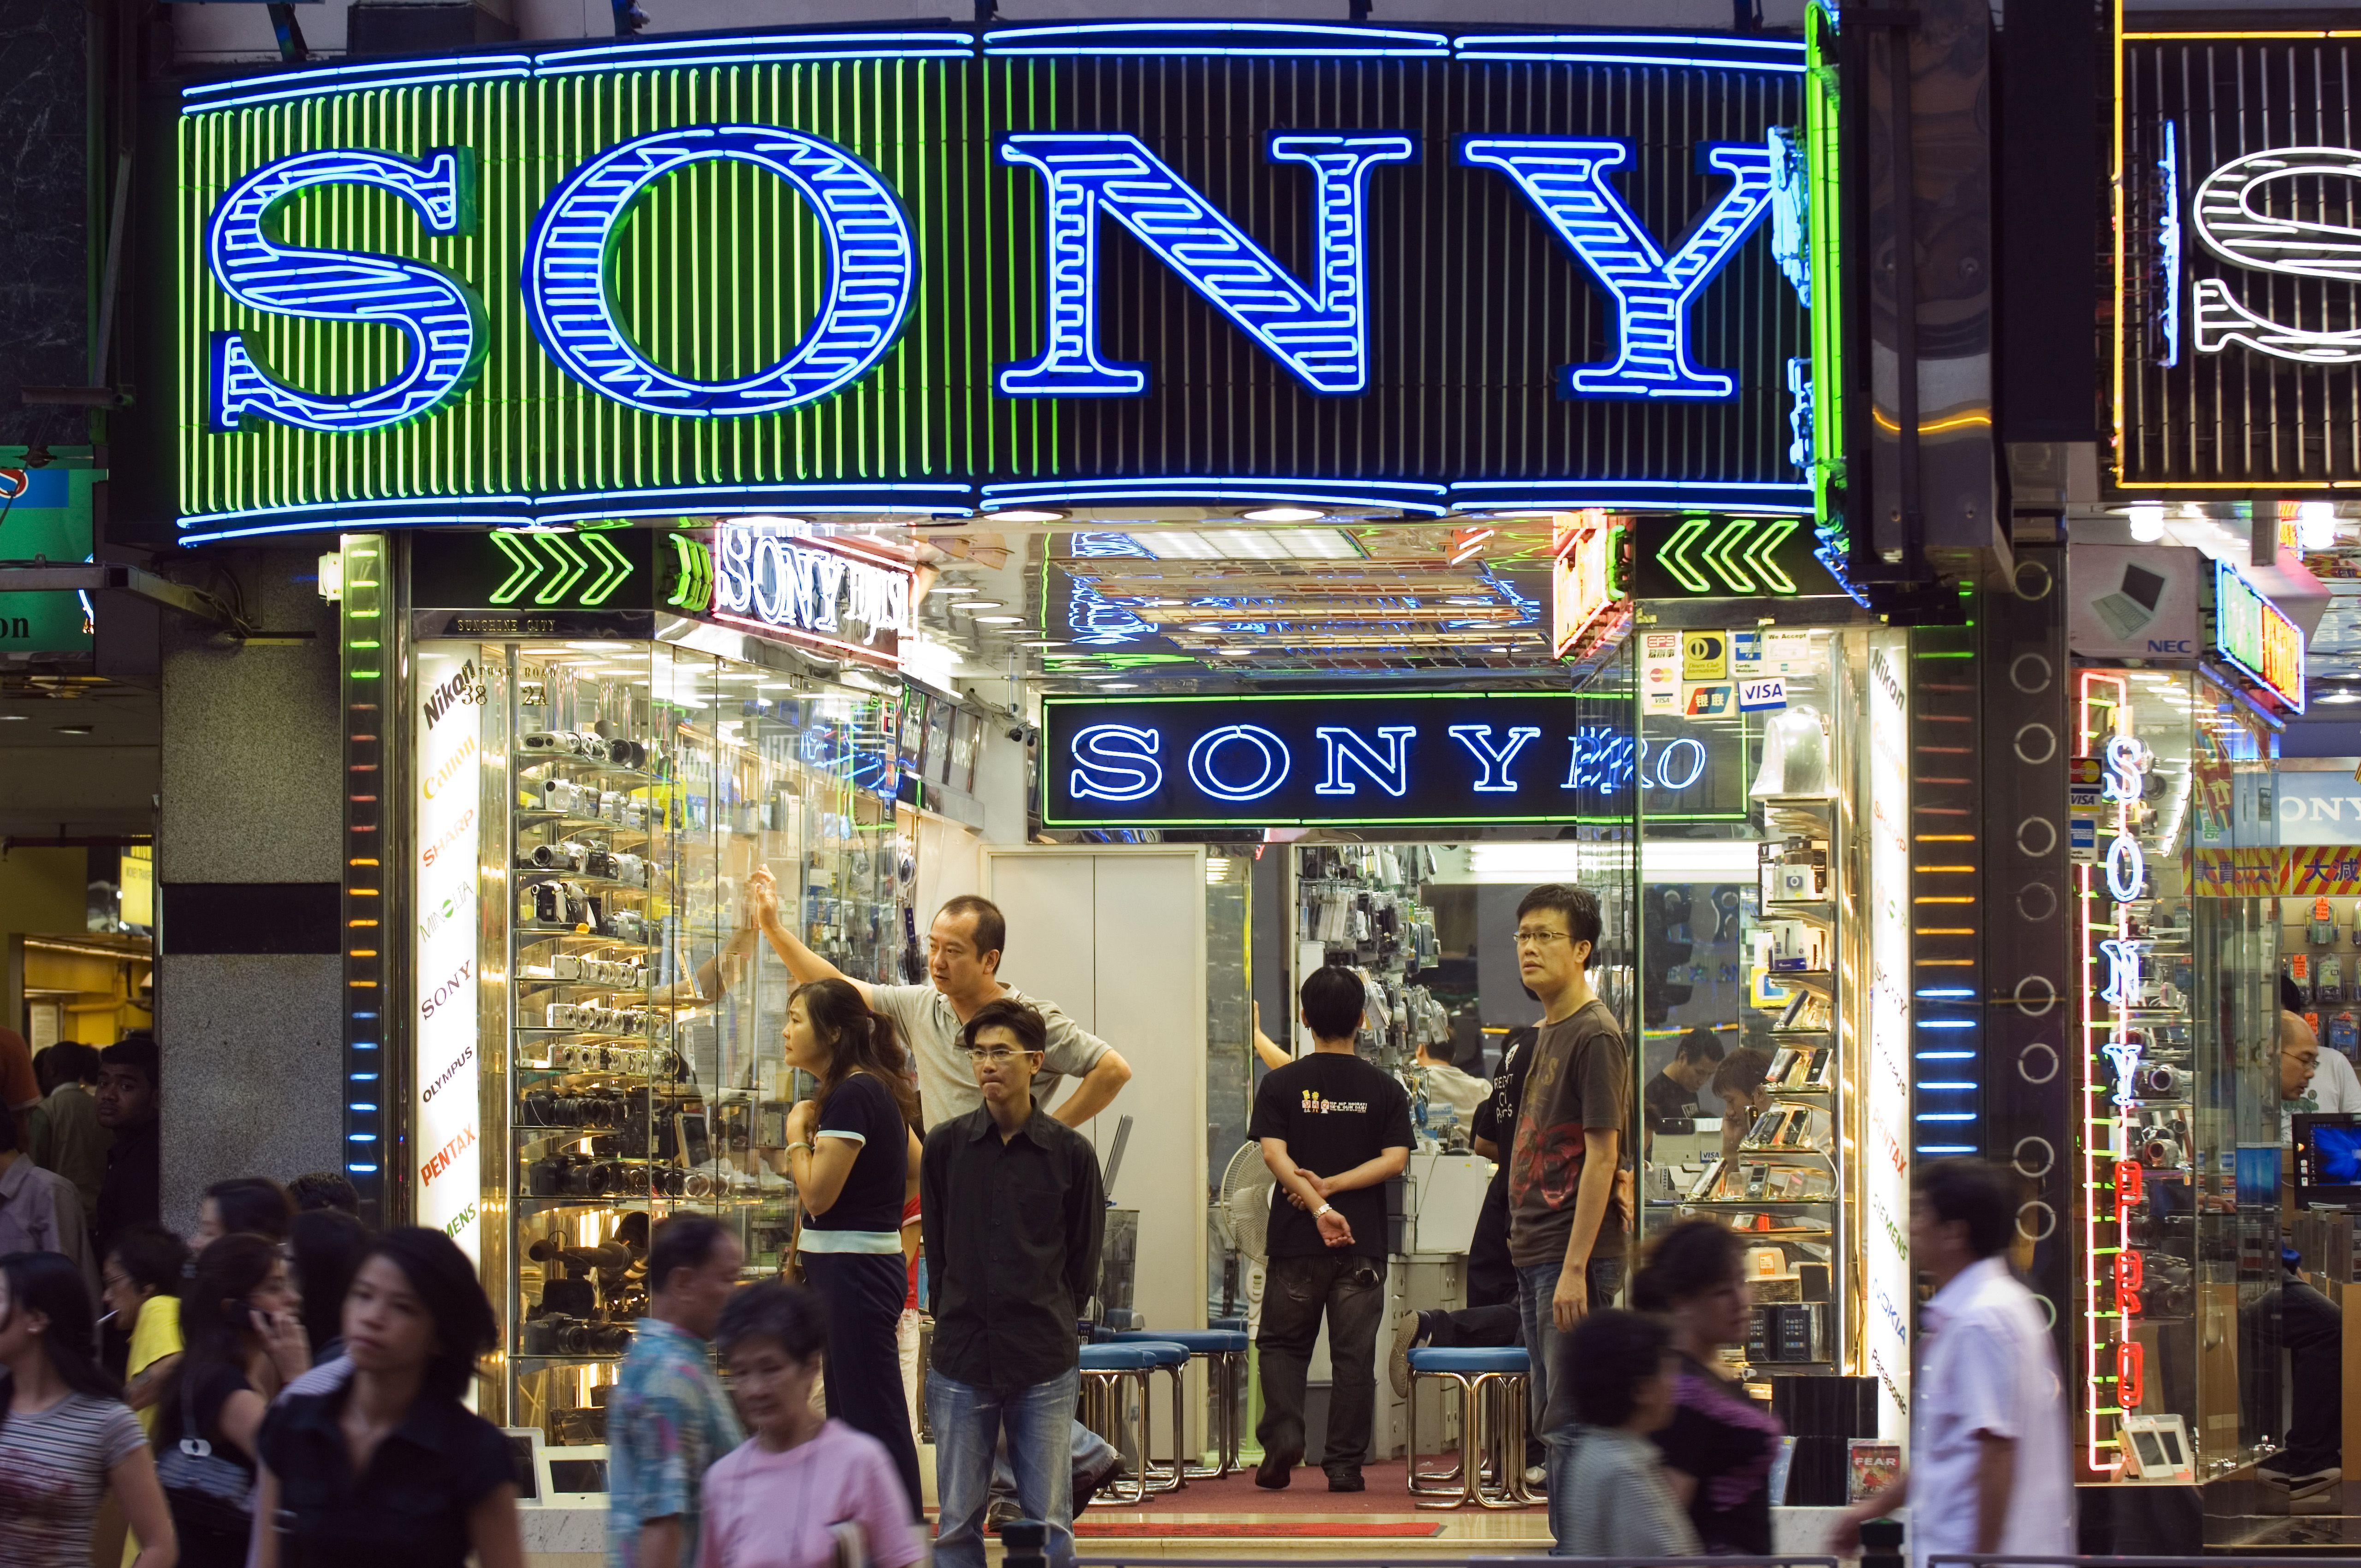 China, Hong Kong, Kowloon. An electronics shop on Nathan Road.